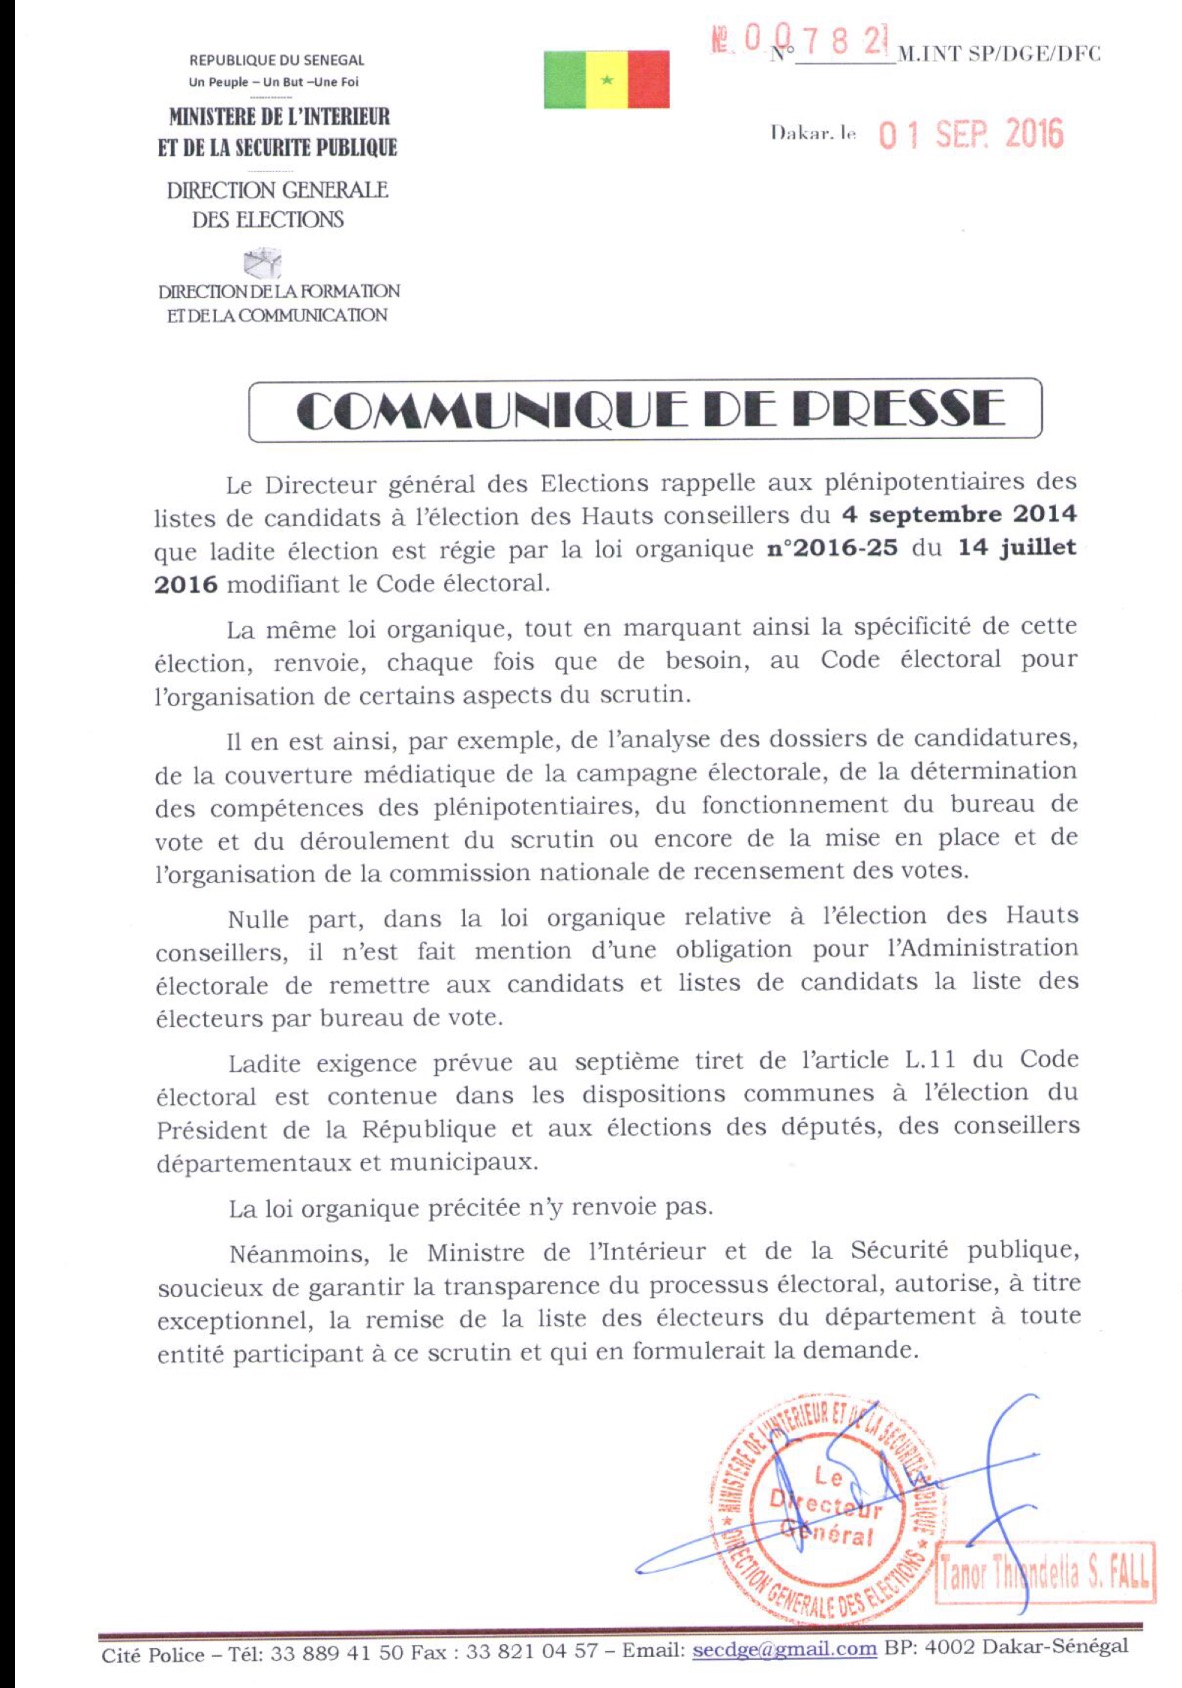 Le ministère de l'intérieur et de la Sécurité Publique autorise la remise de la listes des électeurs du Département à toute entité ayant formulé la demande